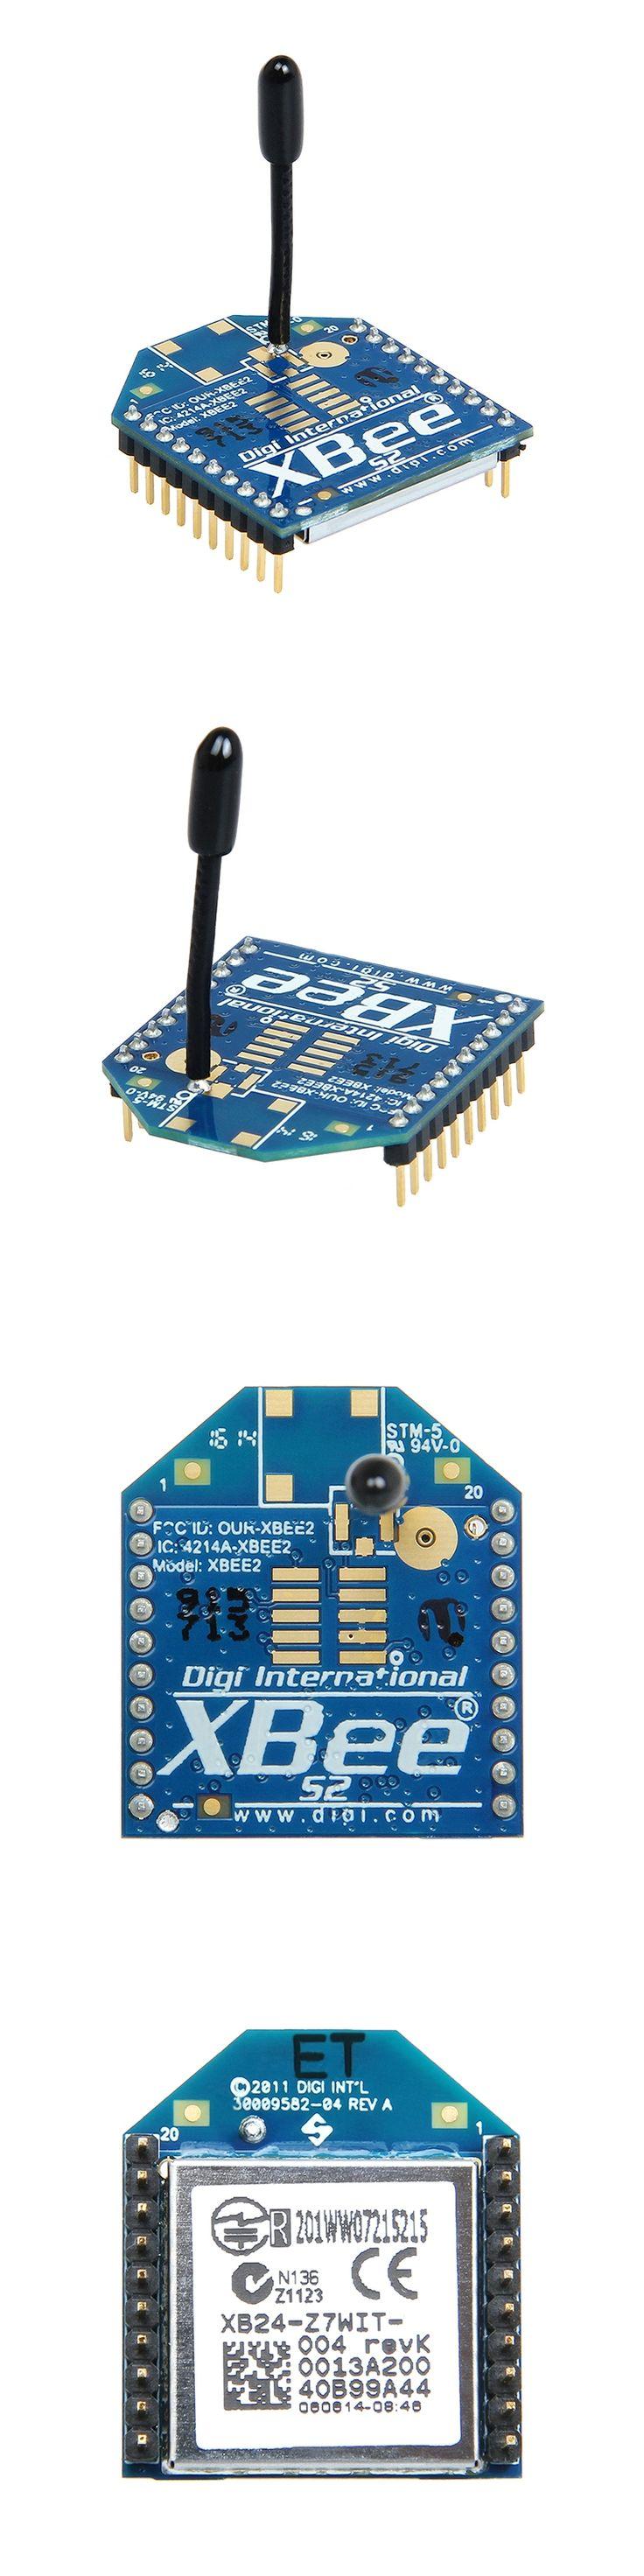 XBee 2mW Wire Antenna - Series 2 ZigBee Mesh sparkfun